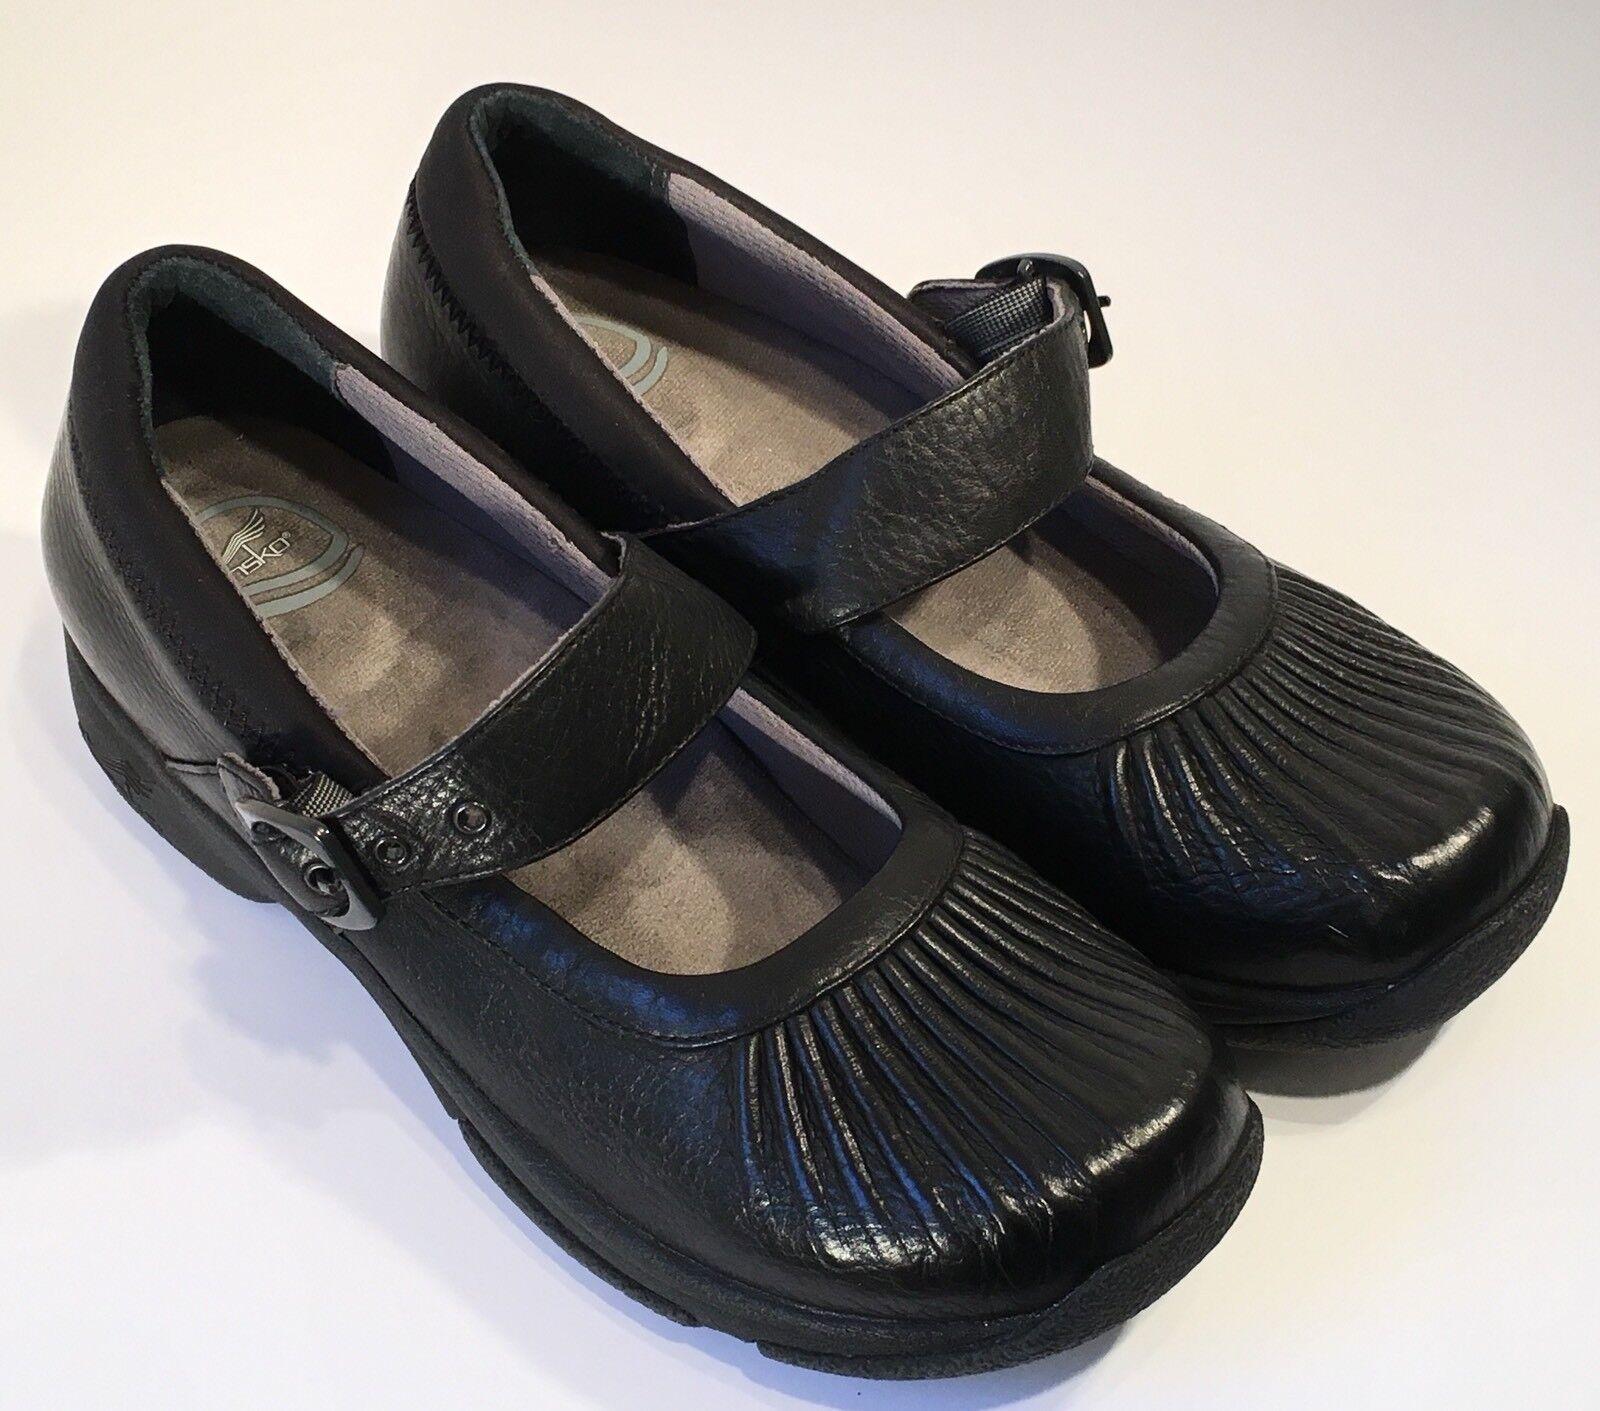 Zapatos De De De Cuero Dansko Kitty Mary Jane Negro Fruncido para Mujer Talla 40-SUAVEMENTE DESGASTADOS  las mejores marcas venden barato